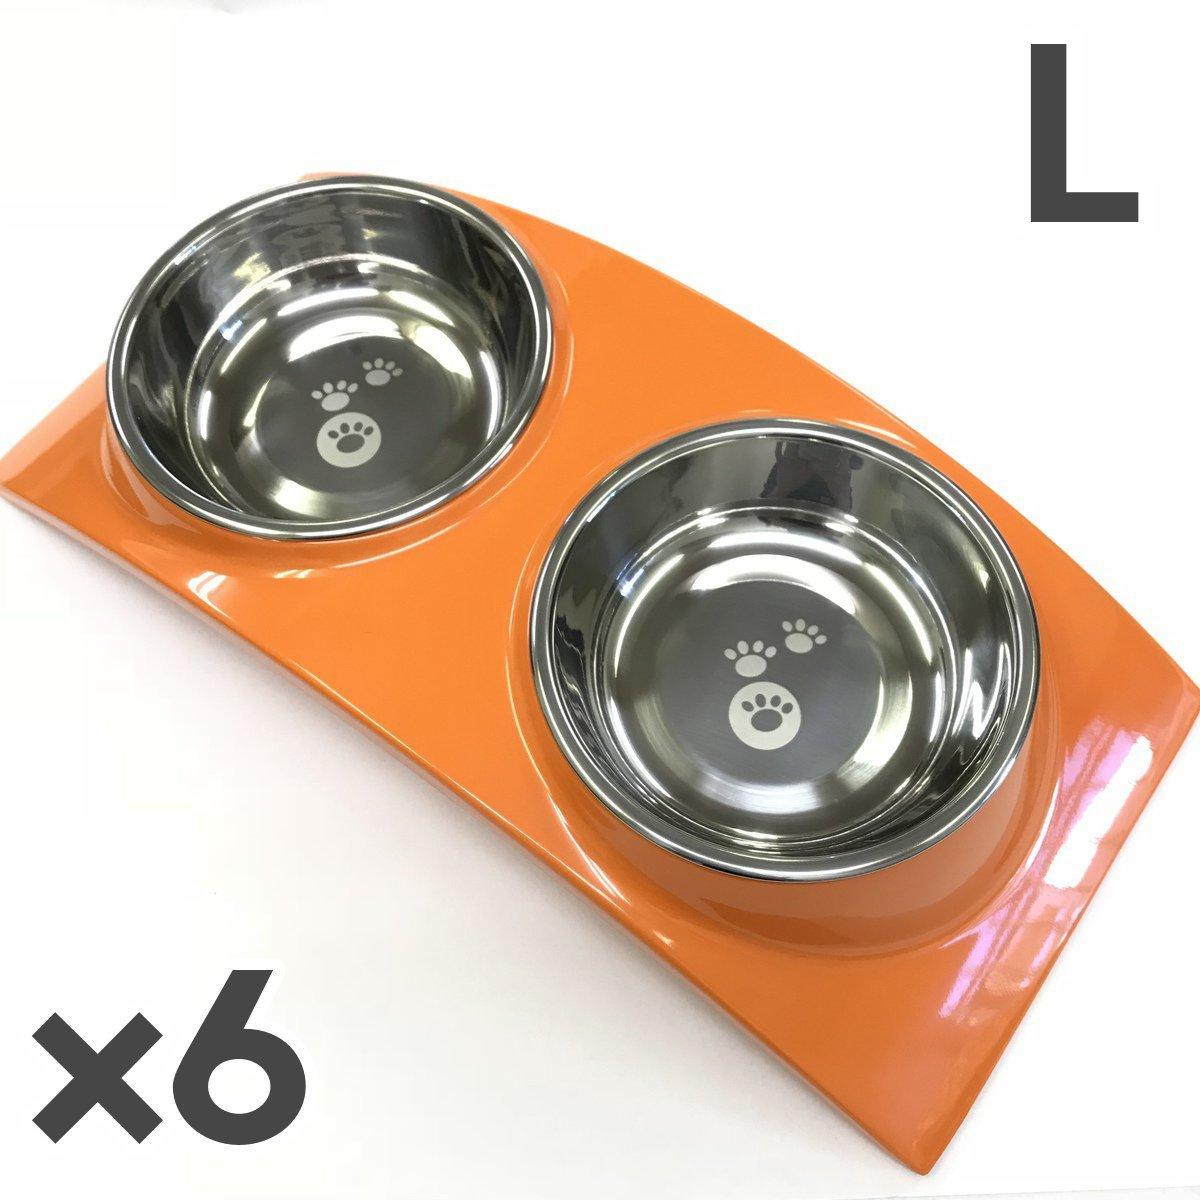 本物品質の トムキャット [食器]レインボー オレンジ×6入 ディナーセット ディナーセット L トムキャット オレンジ×6入 B076Q5YBG7, オンガグン:553bc38e --- beyonddefeat.com